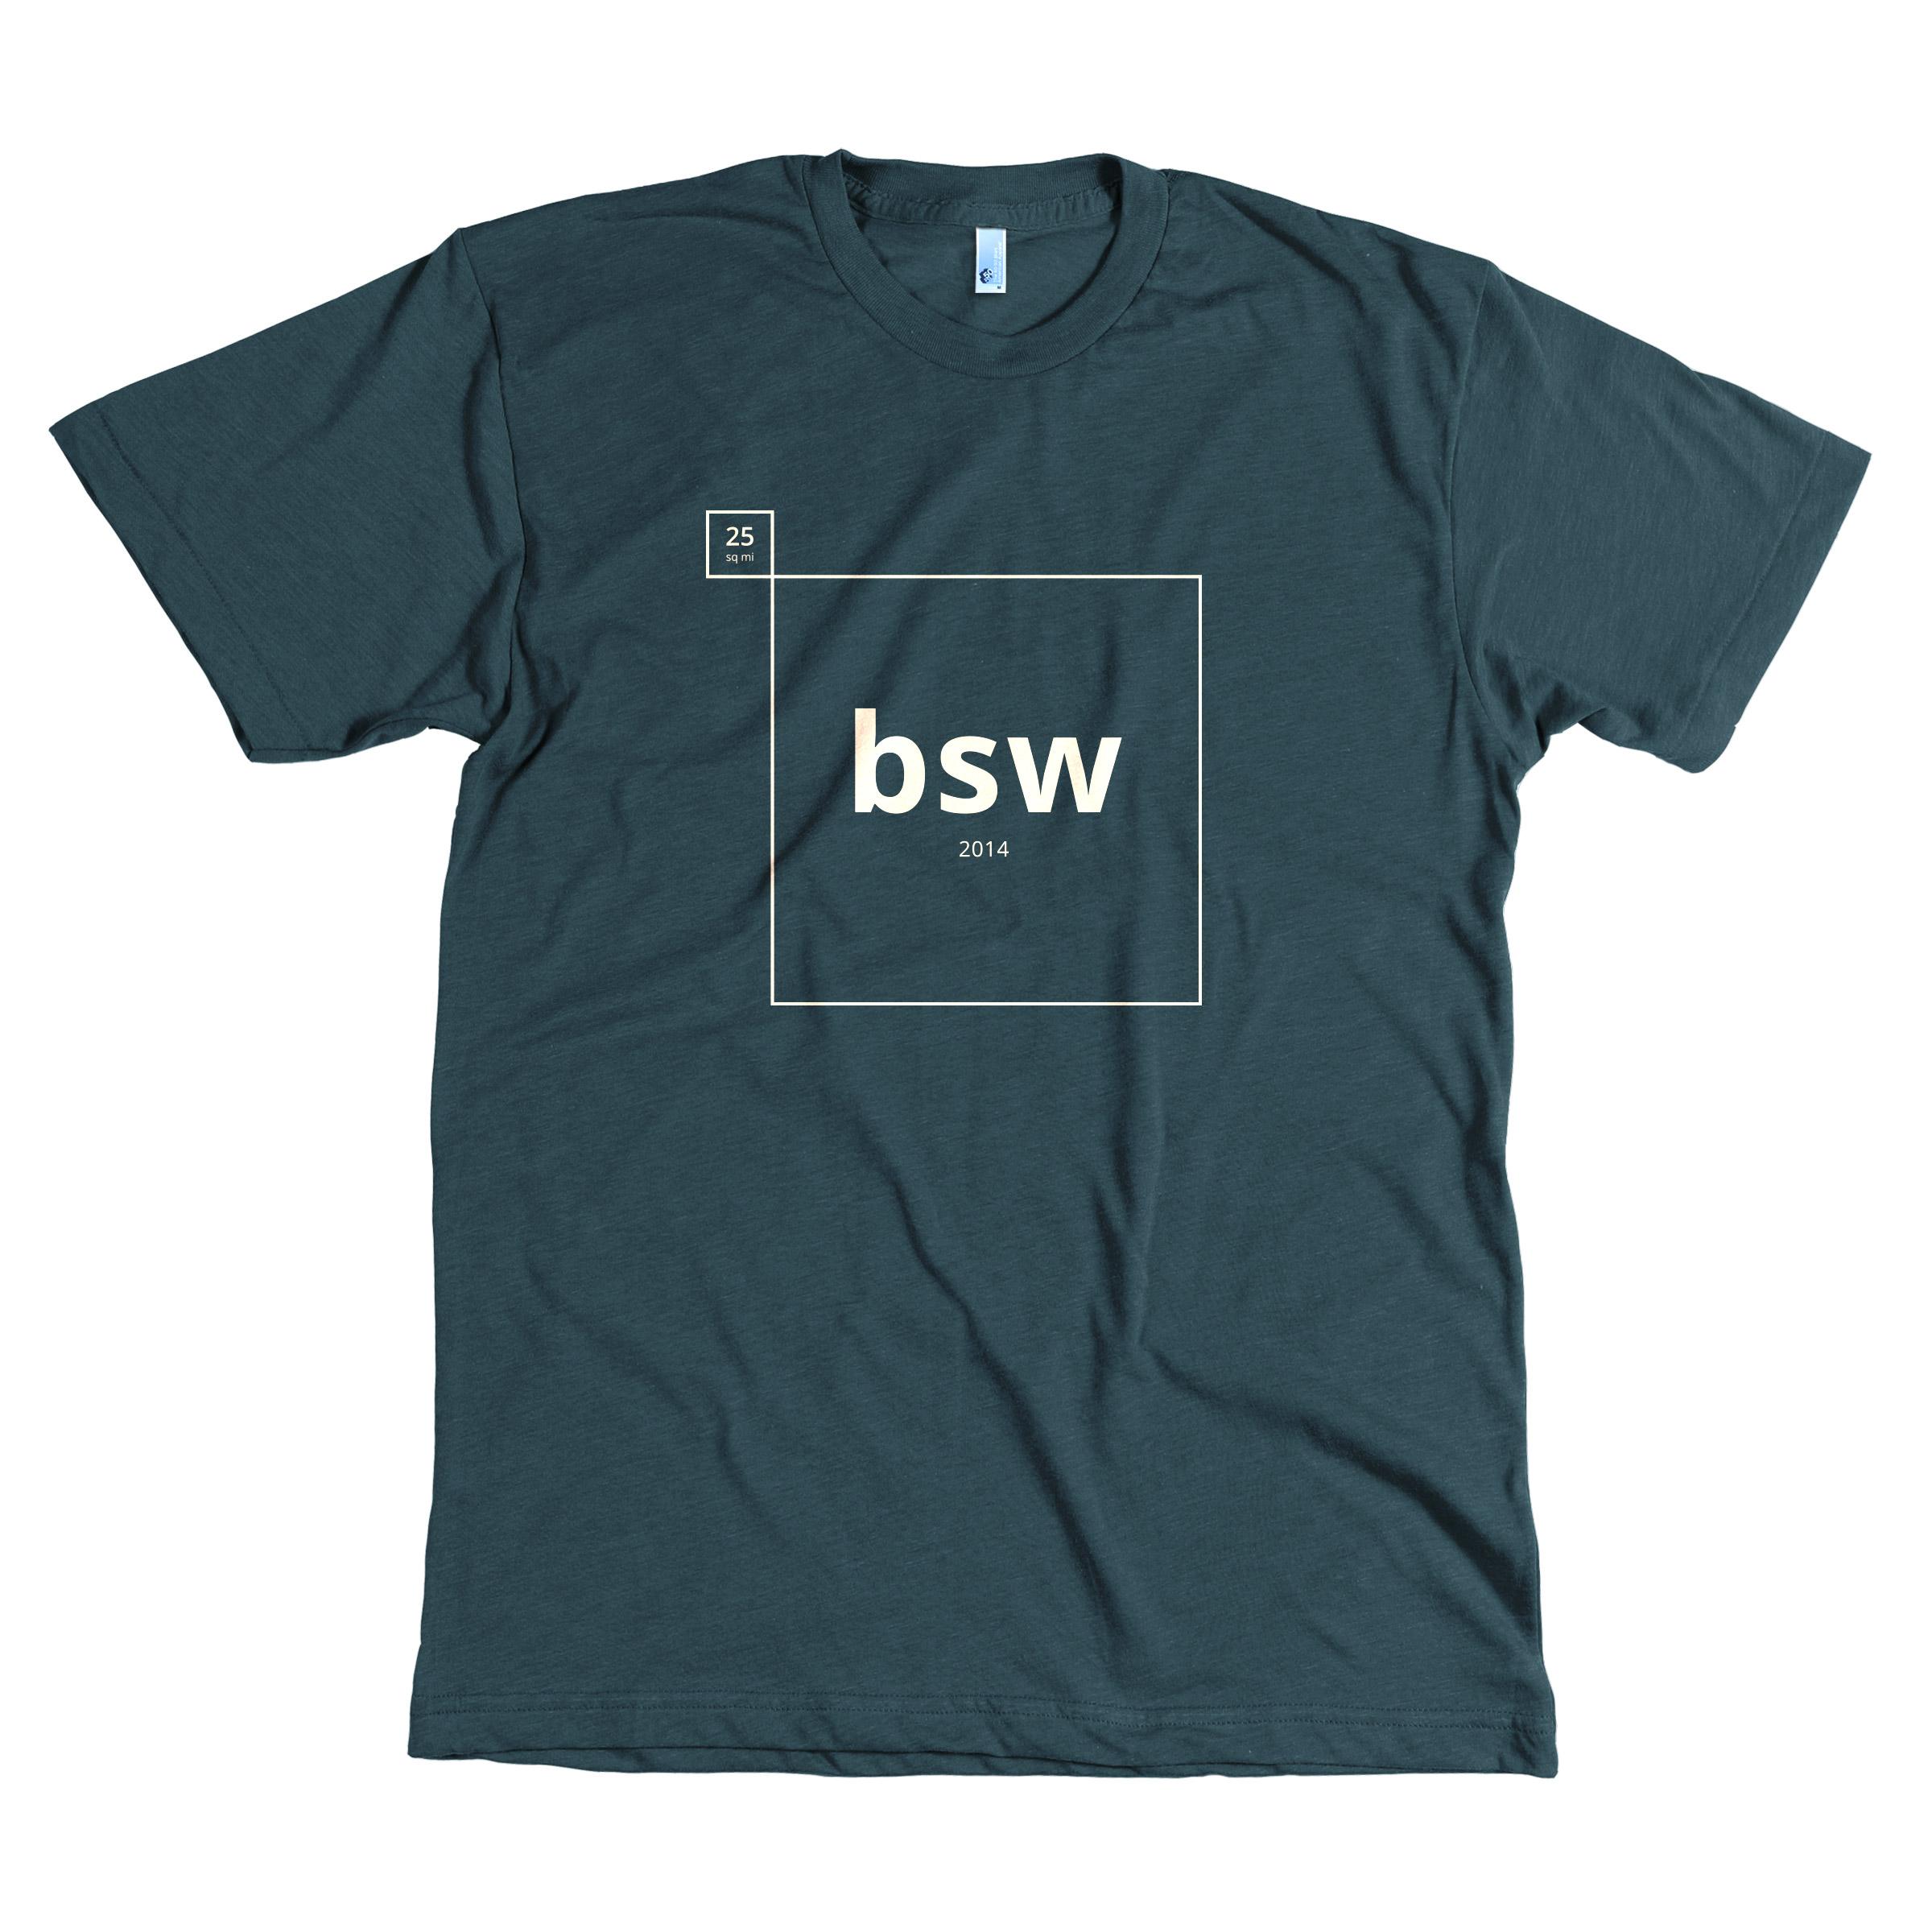 bsw-14.jpg